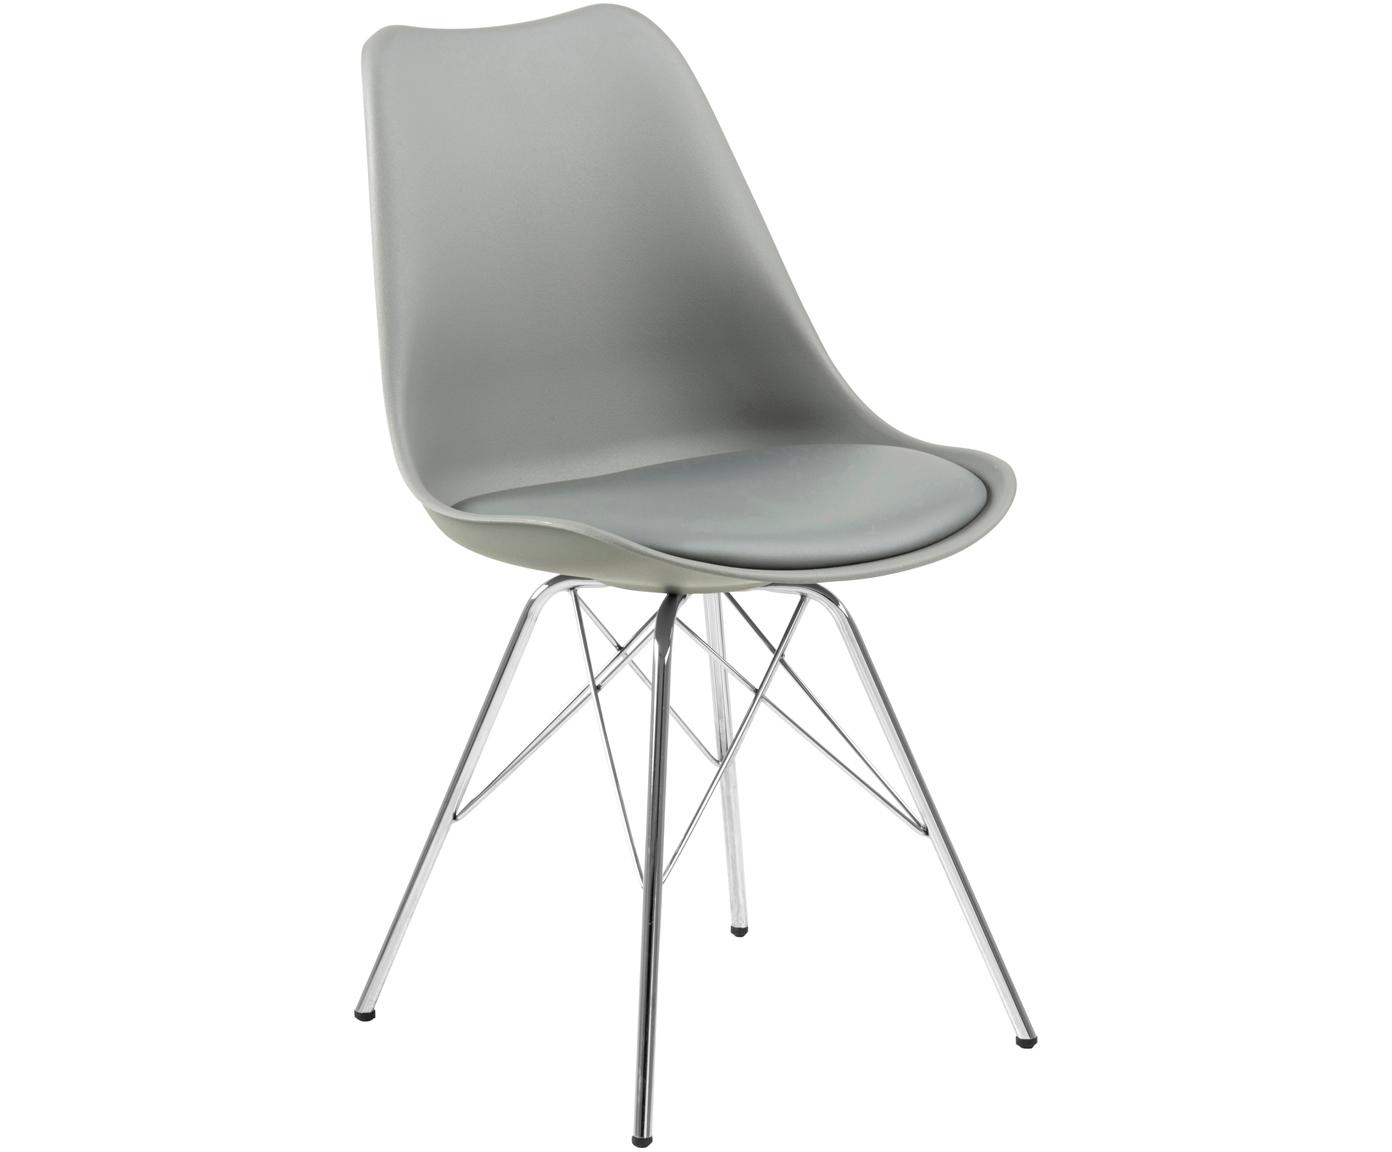 Kunststoff-Stühle Eris, 2 Stück, Sitzschale: Kunststoff, Sitzfläche: Kunstleder, Beine: Metall, verchromt, Grau, Beine Chrom, B 49 x T 54 cm